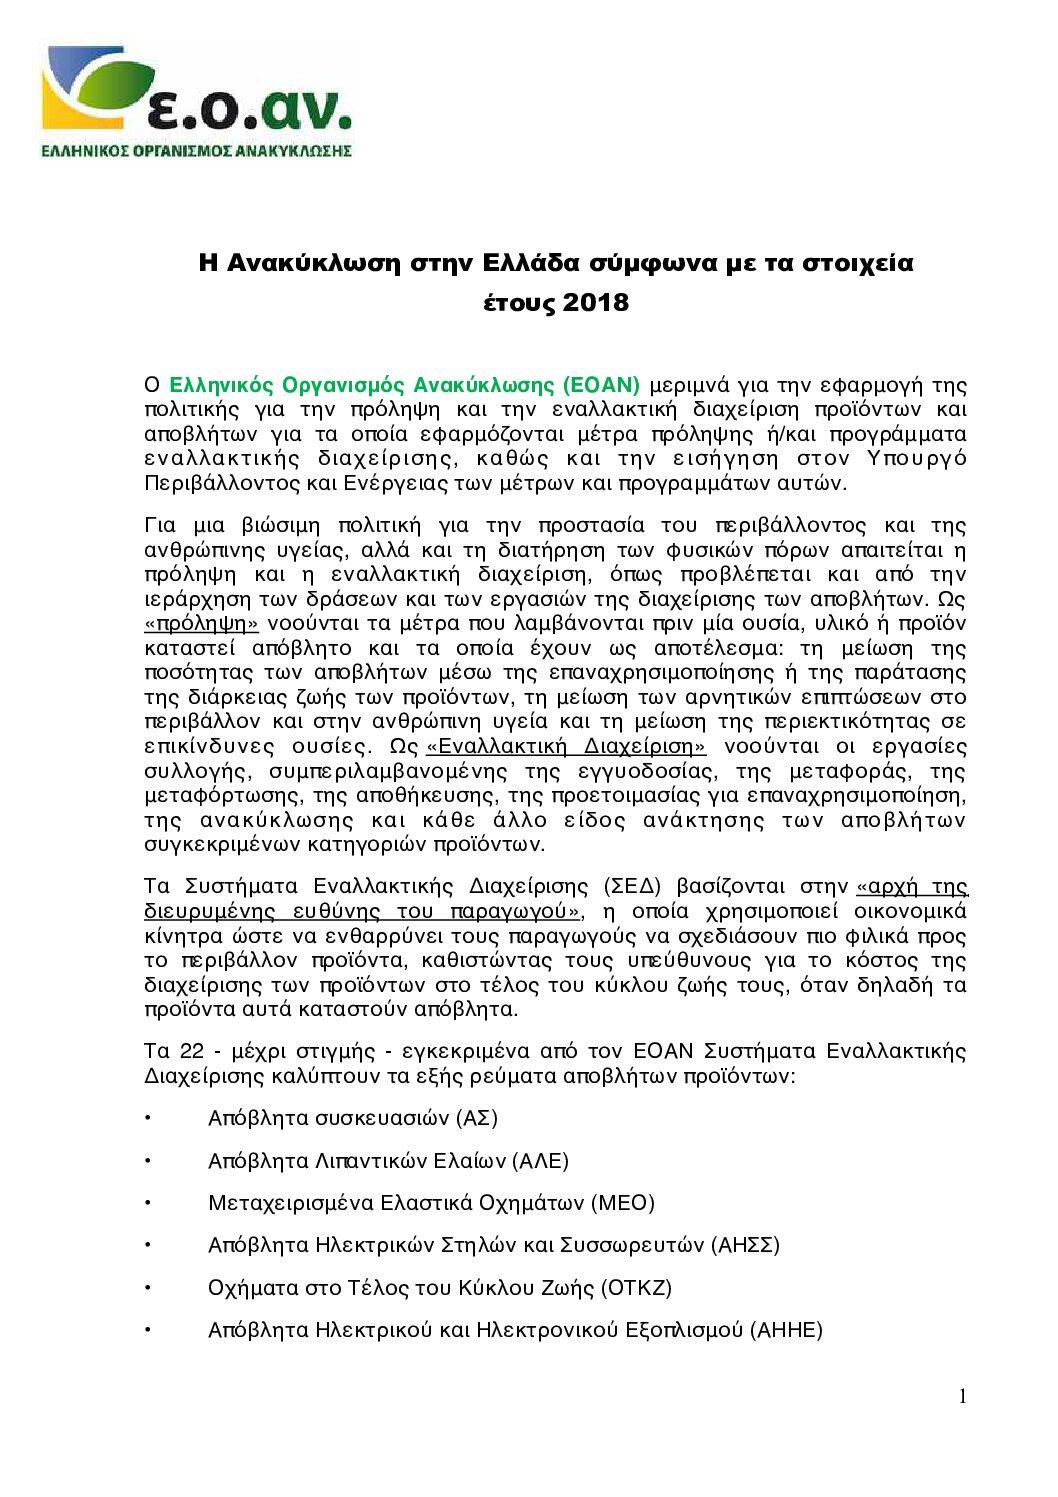 Η Ανακύκλωση στην Ελλάδα σύμφωνα με τα στοιχεία έτους 2018